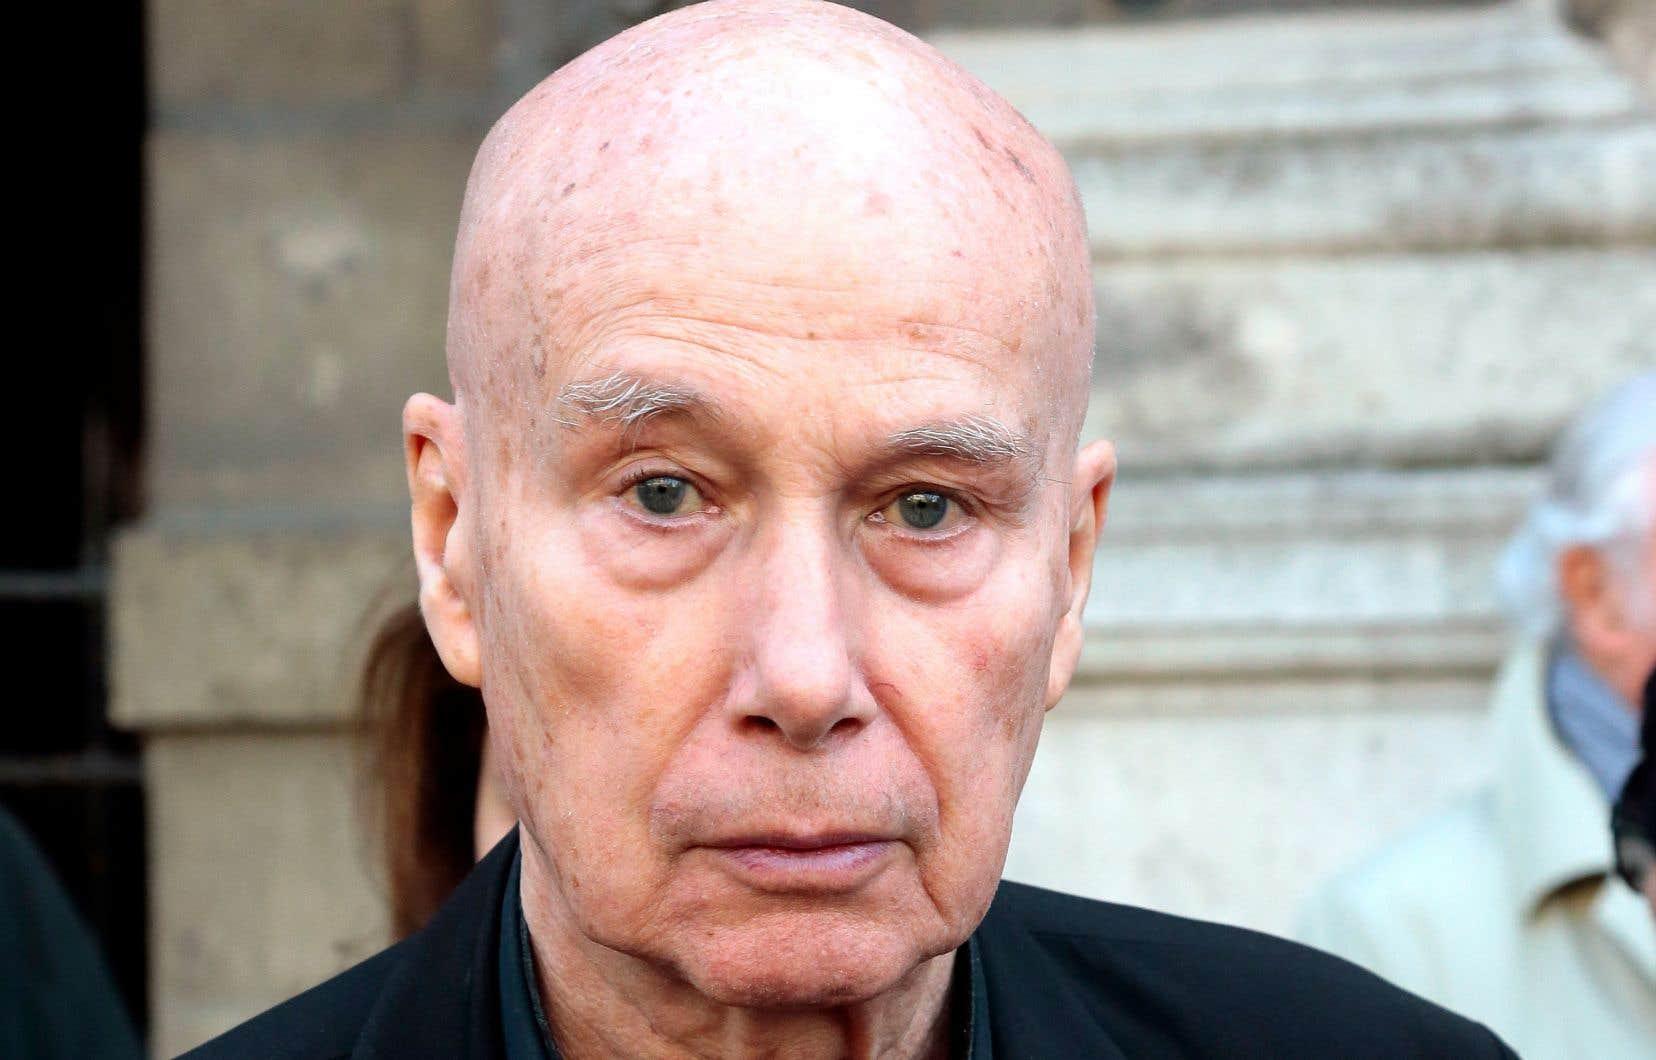 L'écrivain Gabriel Matzneff fait l'objet d'une accusation de viol sur une mineure devant le parquet de Paris.